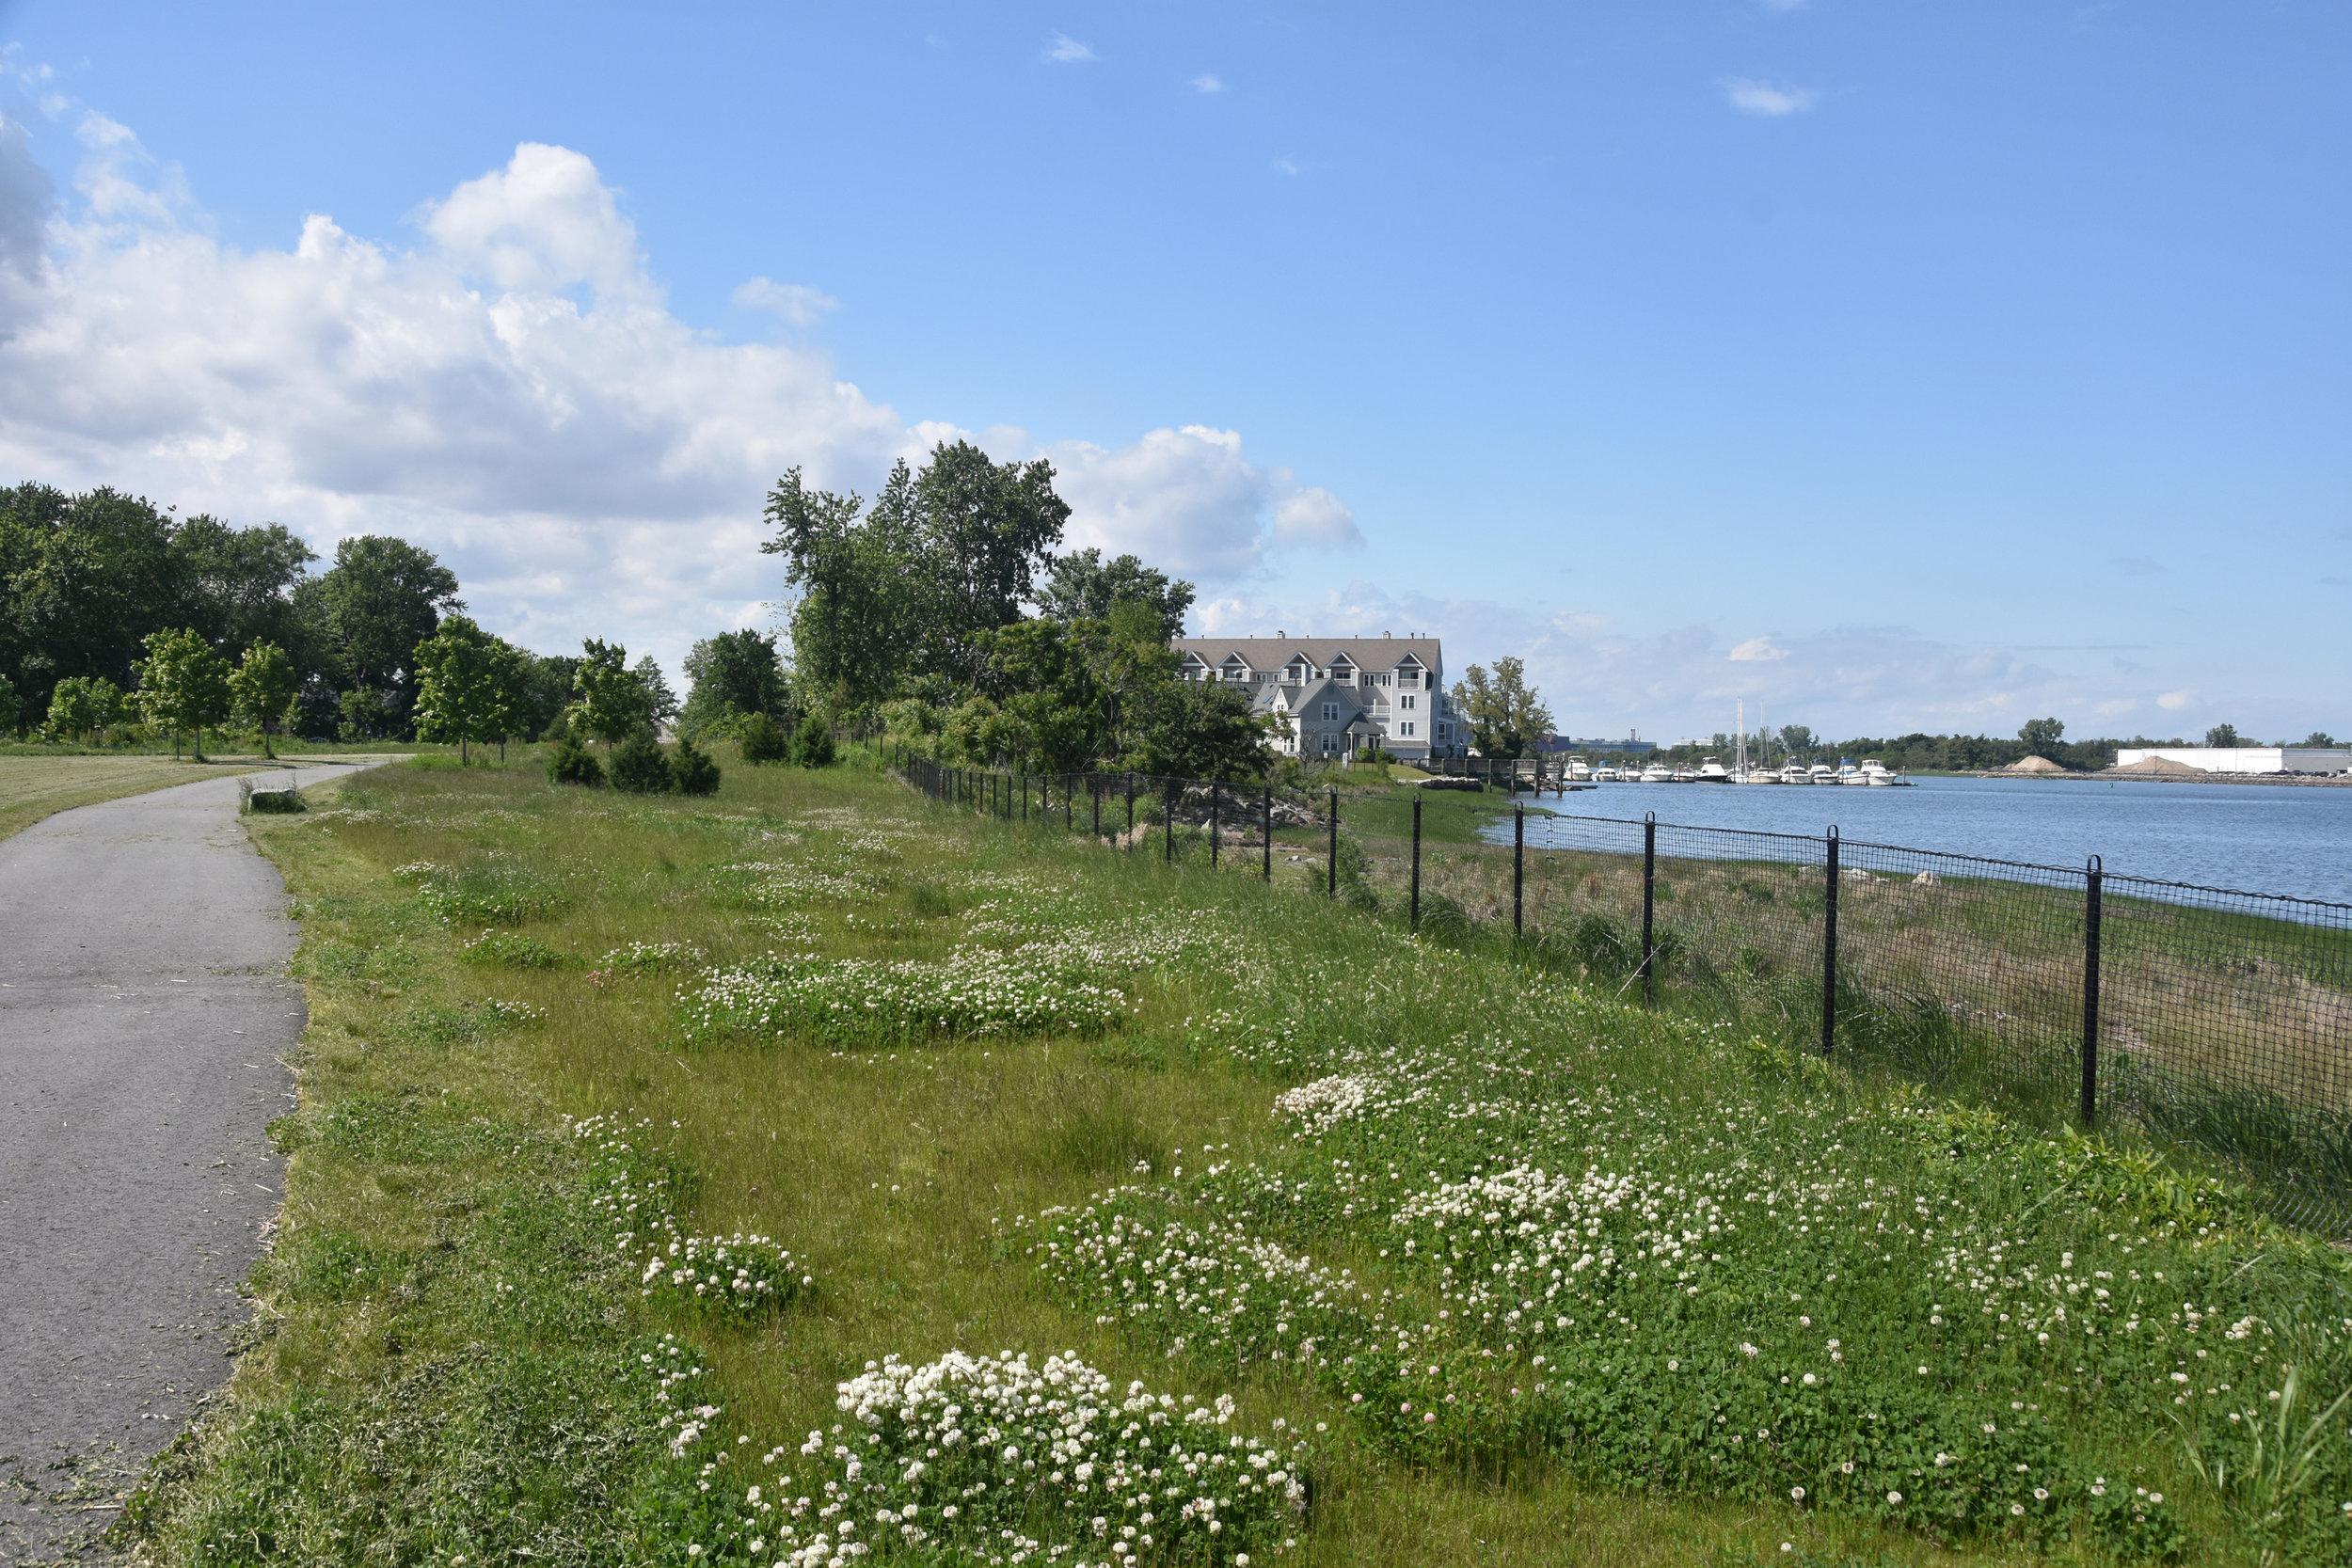 Senator Joseph Finnegan Park at Port Norfolk | Dorchester, Massachusetts